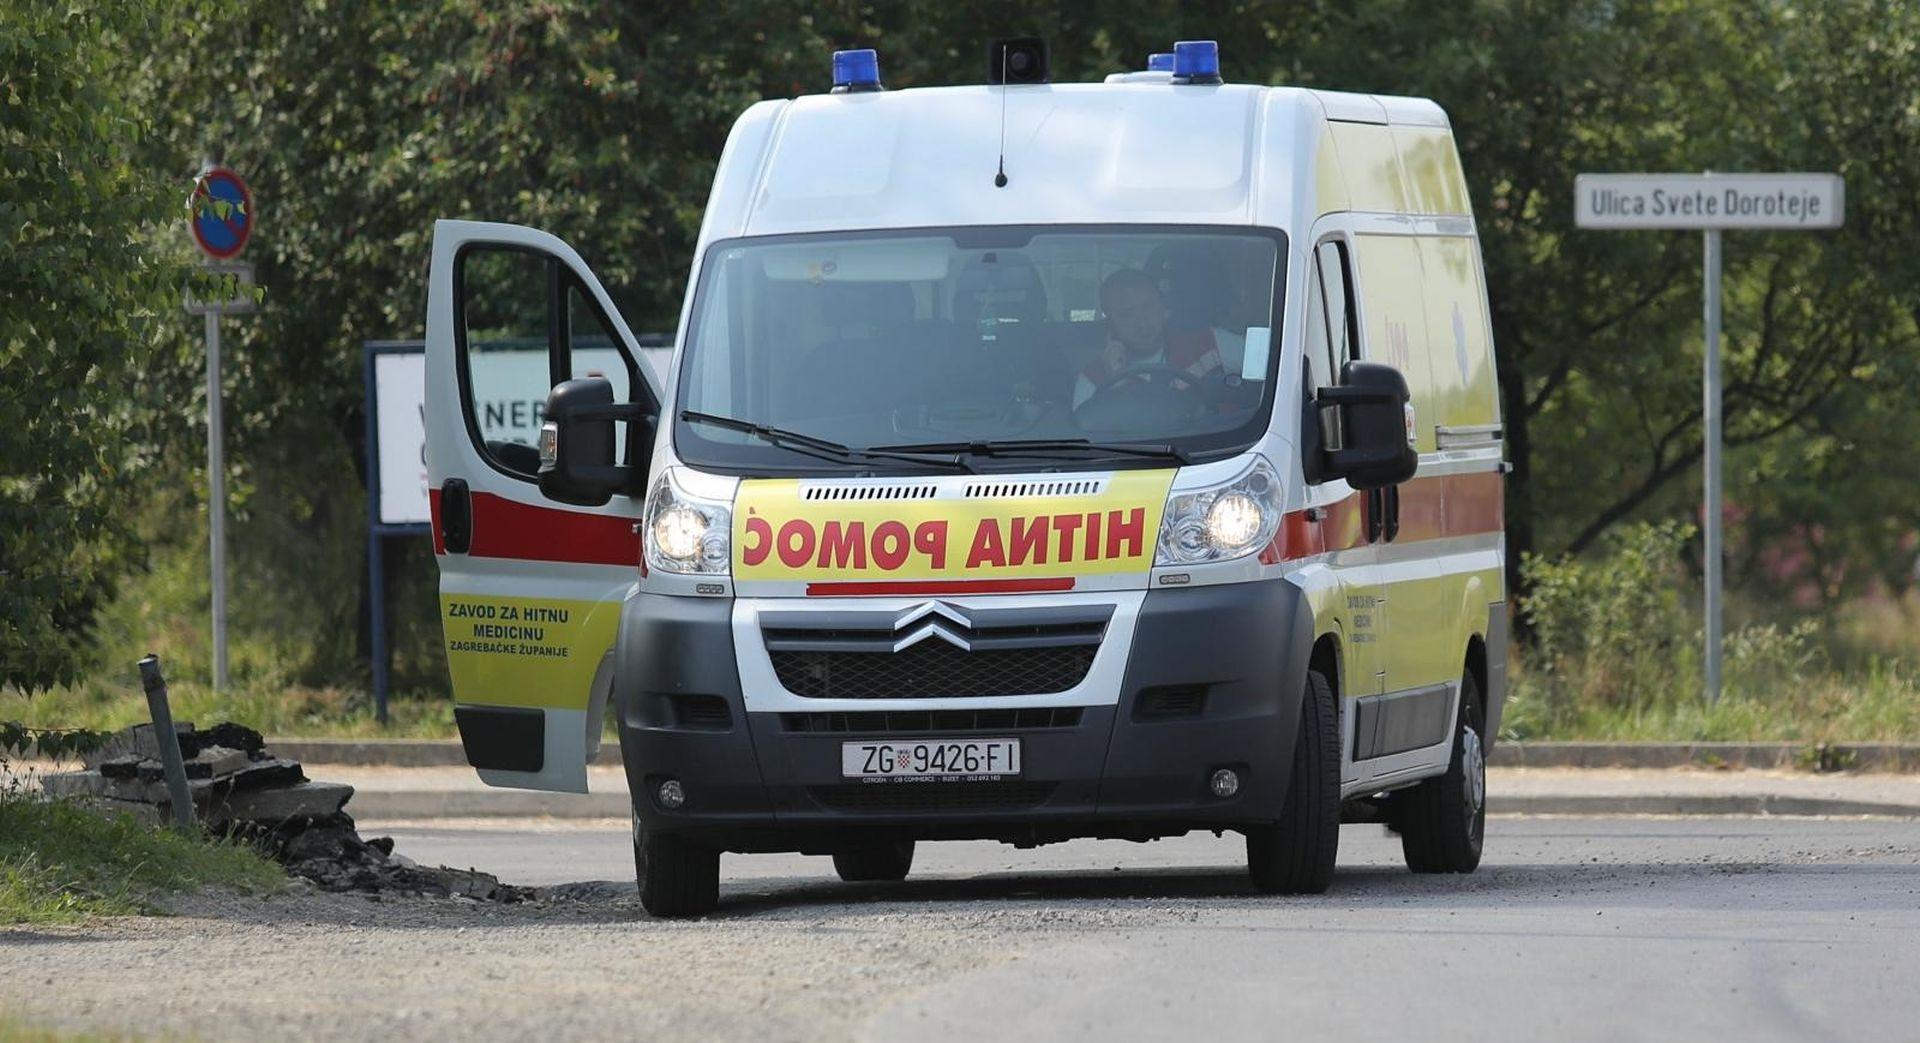 Županija će zaposliti dva dodatna liječnika u Hitnoj pomoći u Zaprešiću